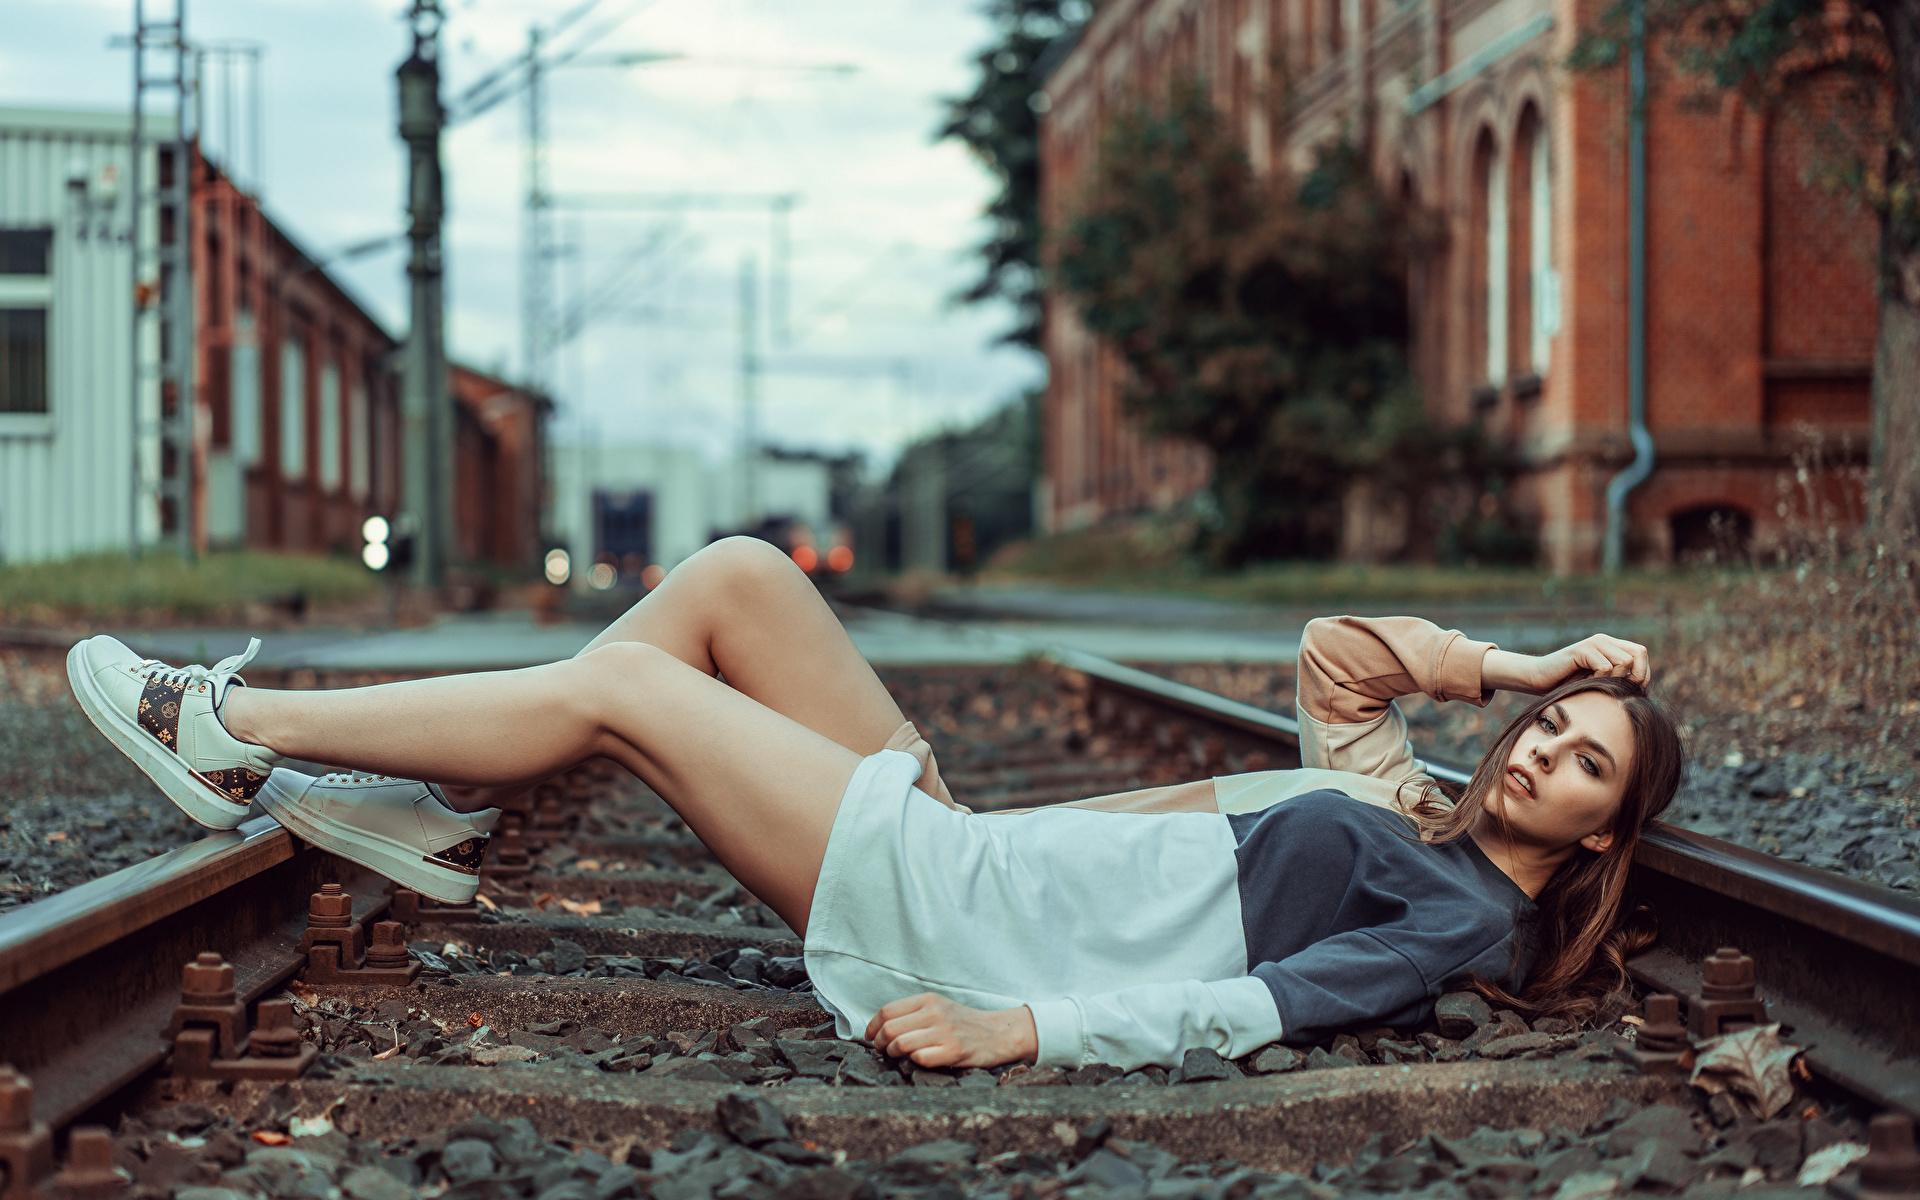 Фотография фотомодель рельсах лежат Beatrice Rogall Девушки ног Взгляд Платье 1920x1200 Модель Рельсы лежа Лежит лежачие девушка молодая женщина молодые женщины Ноги смотрит смотрят платья